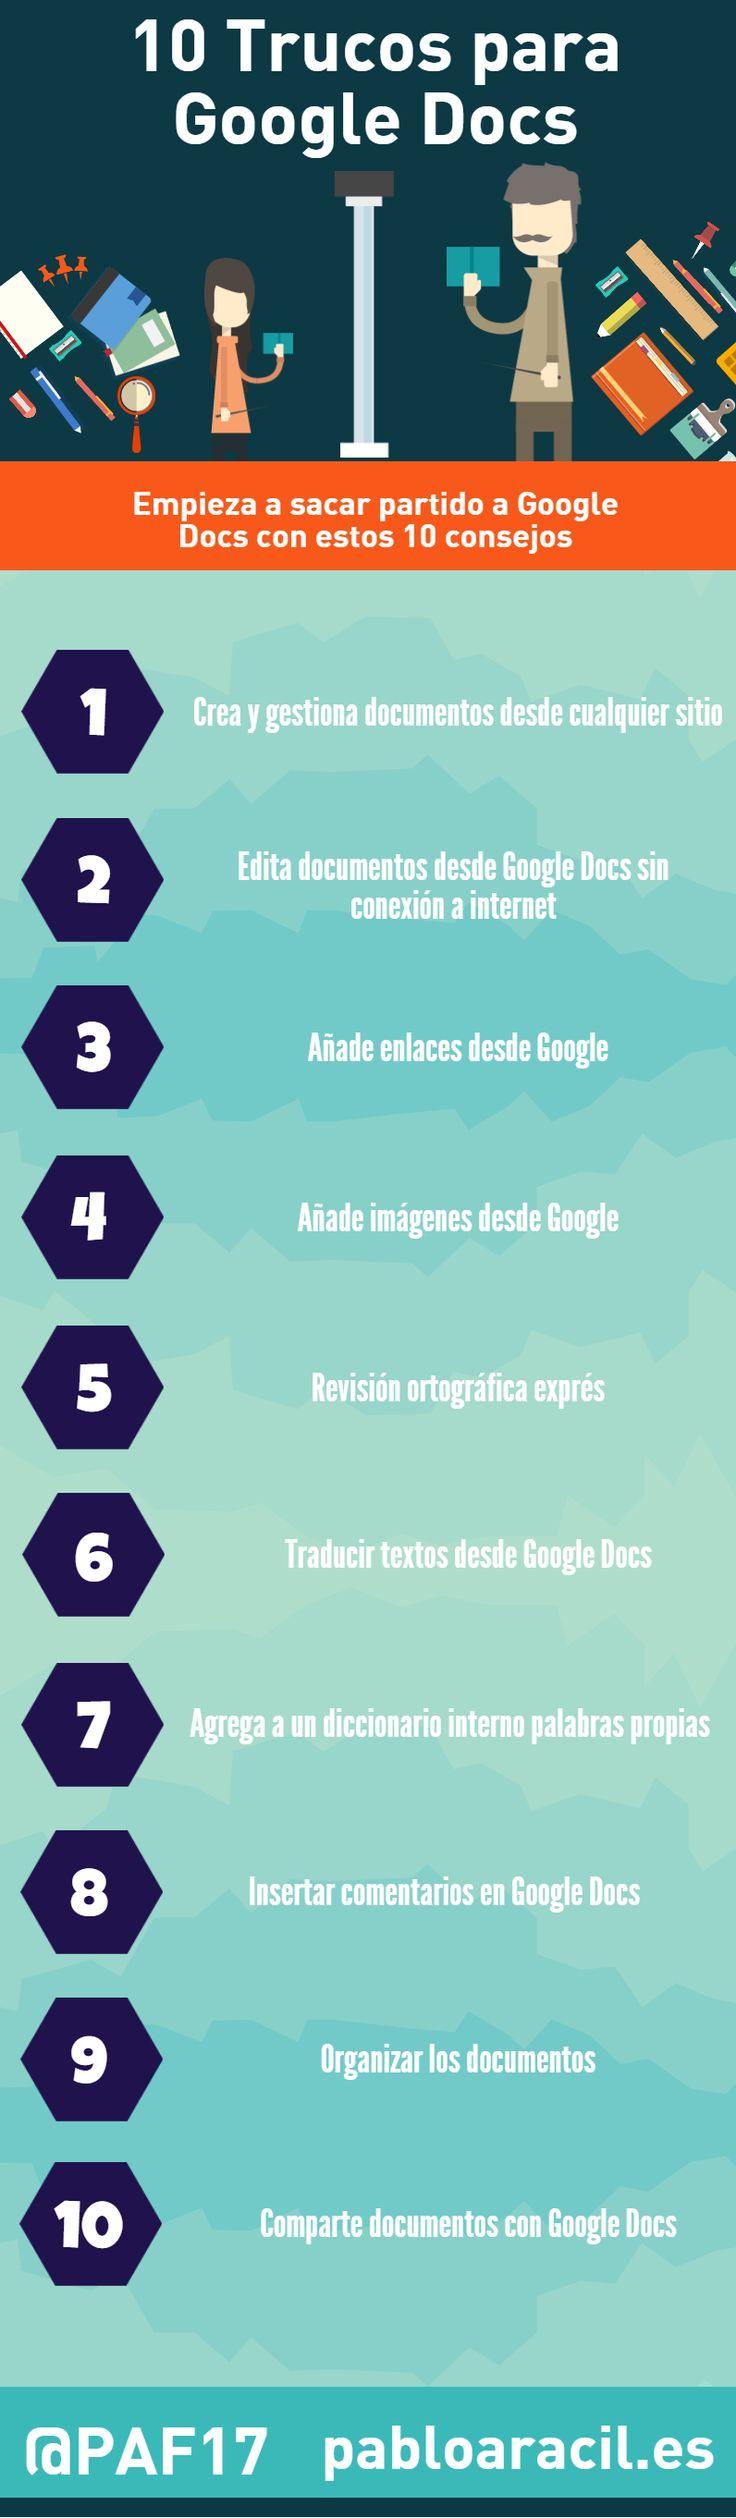 #Infografía con 10 trucos para Google Docs. Con ella vas a poder aprender a maximizar el resultado de esta herramienta gratuita en la nube.  #Google #Googledocs #SocialMedia